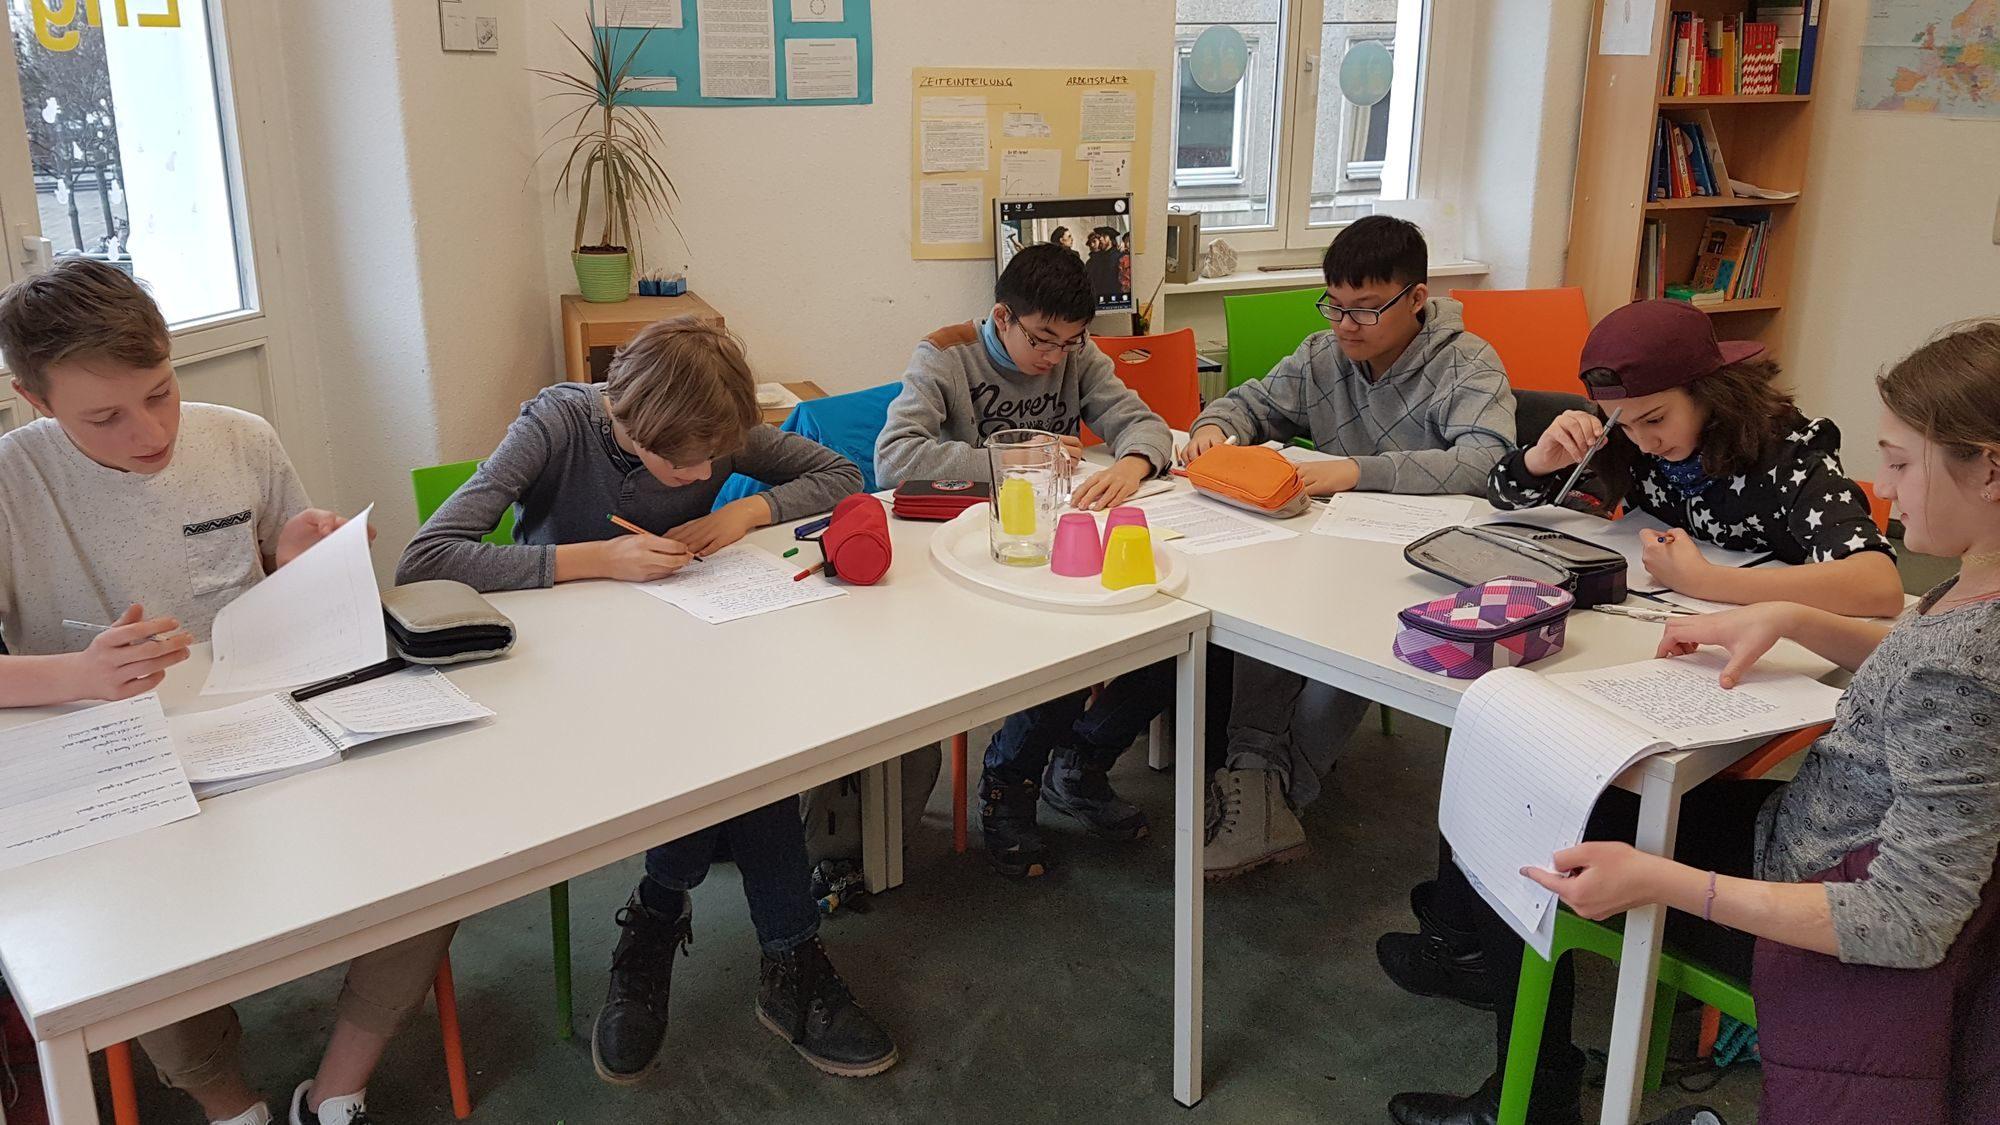 Nach der Vor-Ort-Recherche haben die Schüler alles niedergeschrieben.